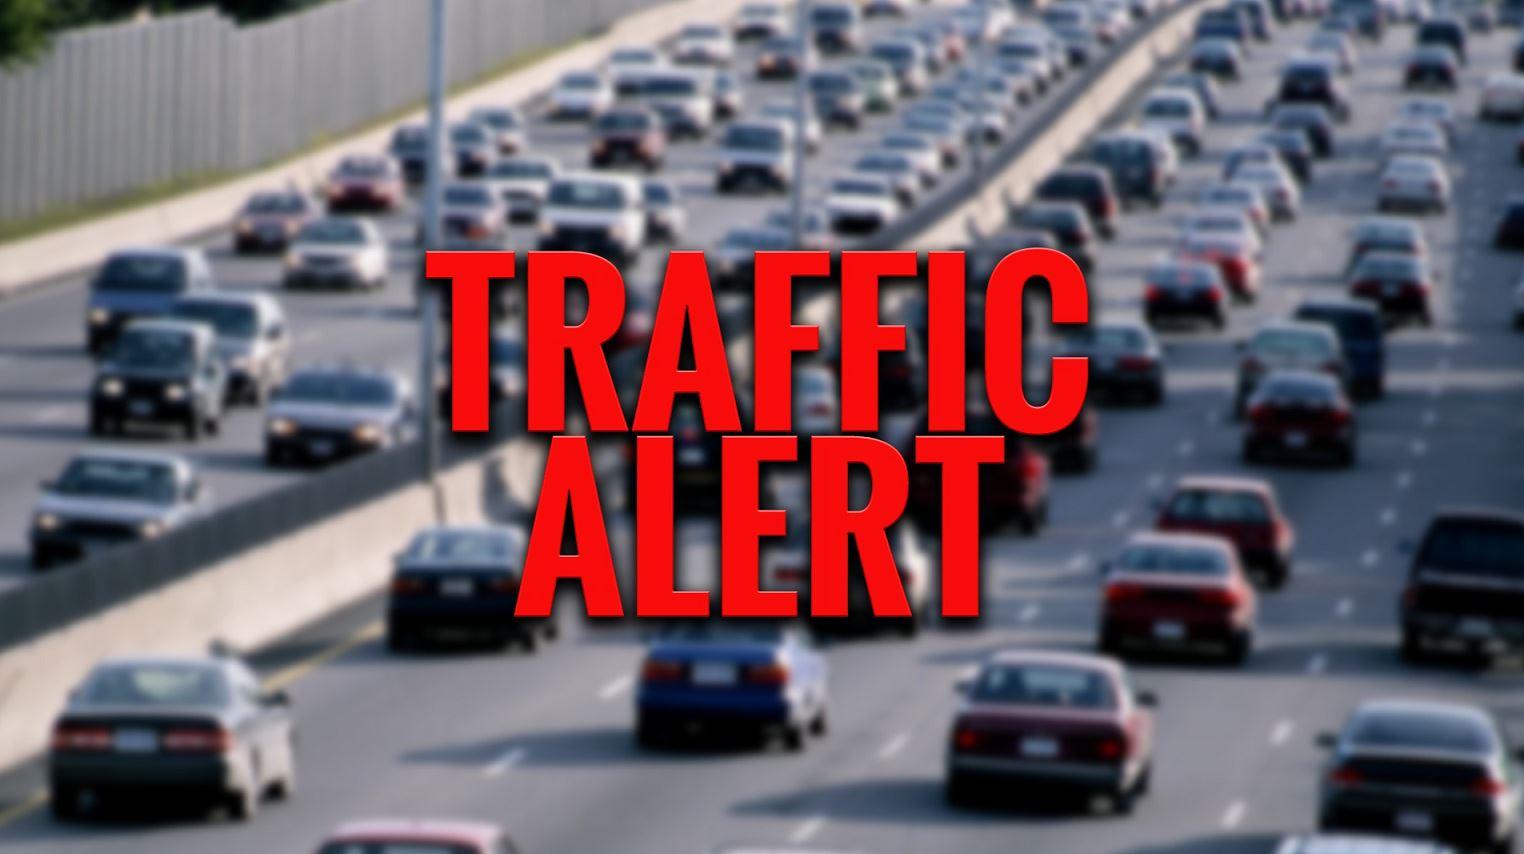 traffic alert_1544194178998.JPG-842137442.jpg